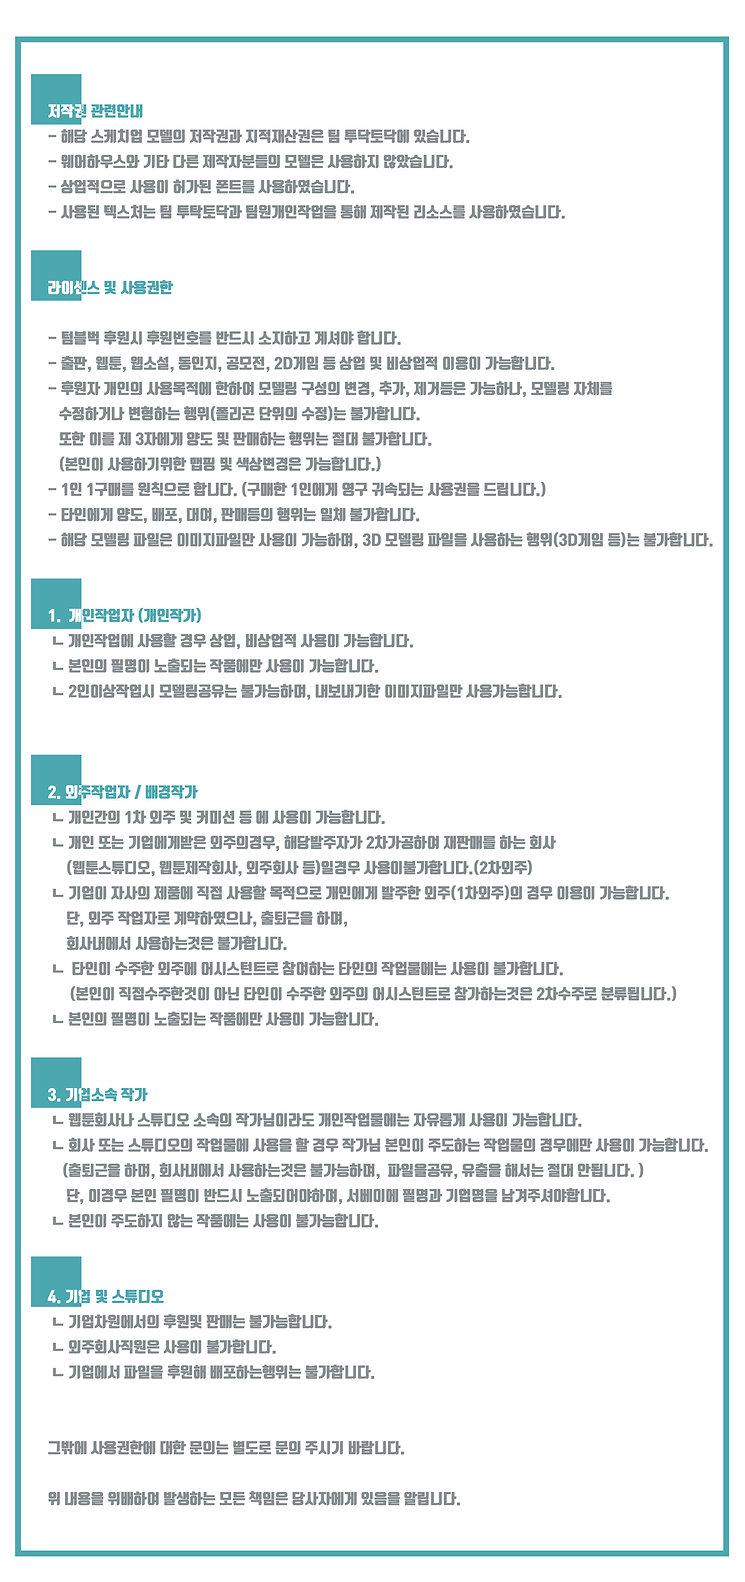 201214이용약관.jpg